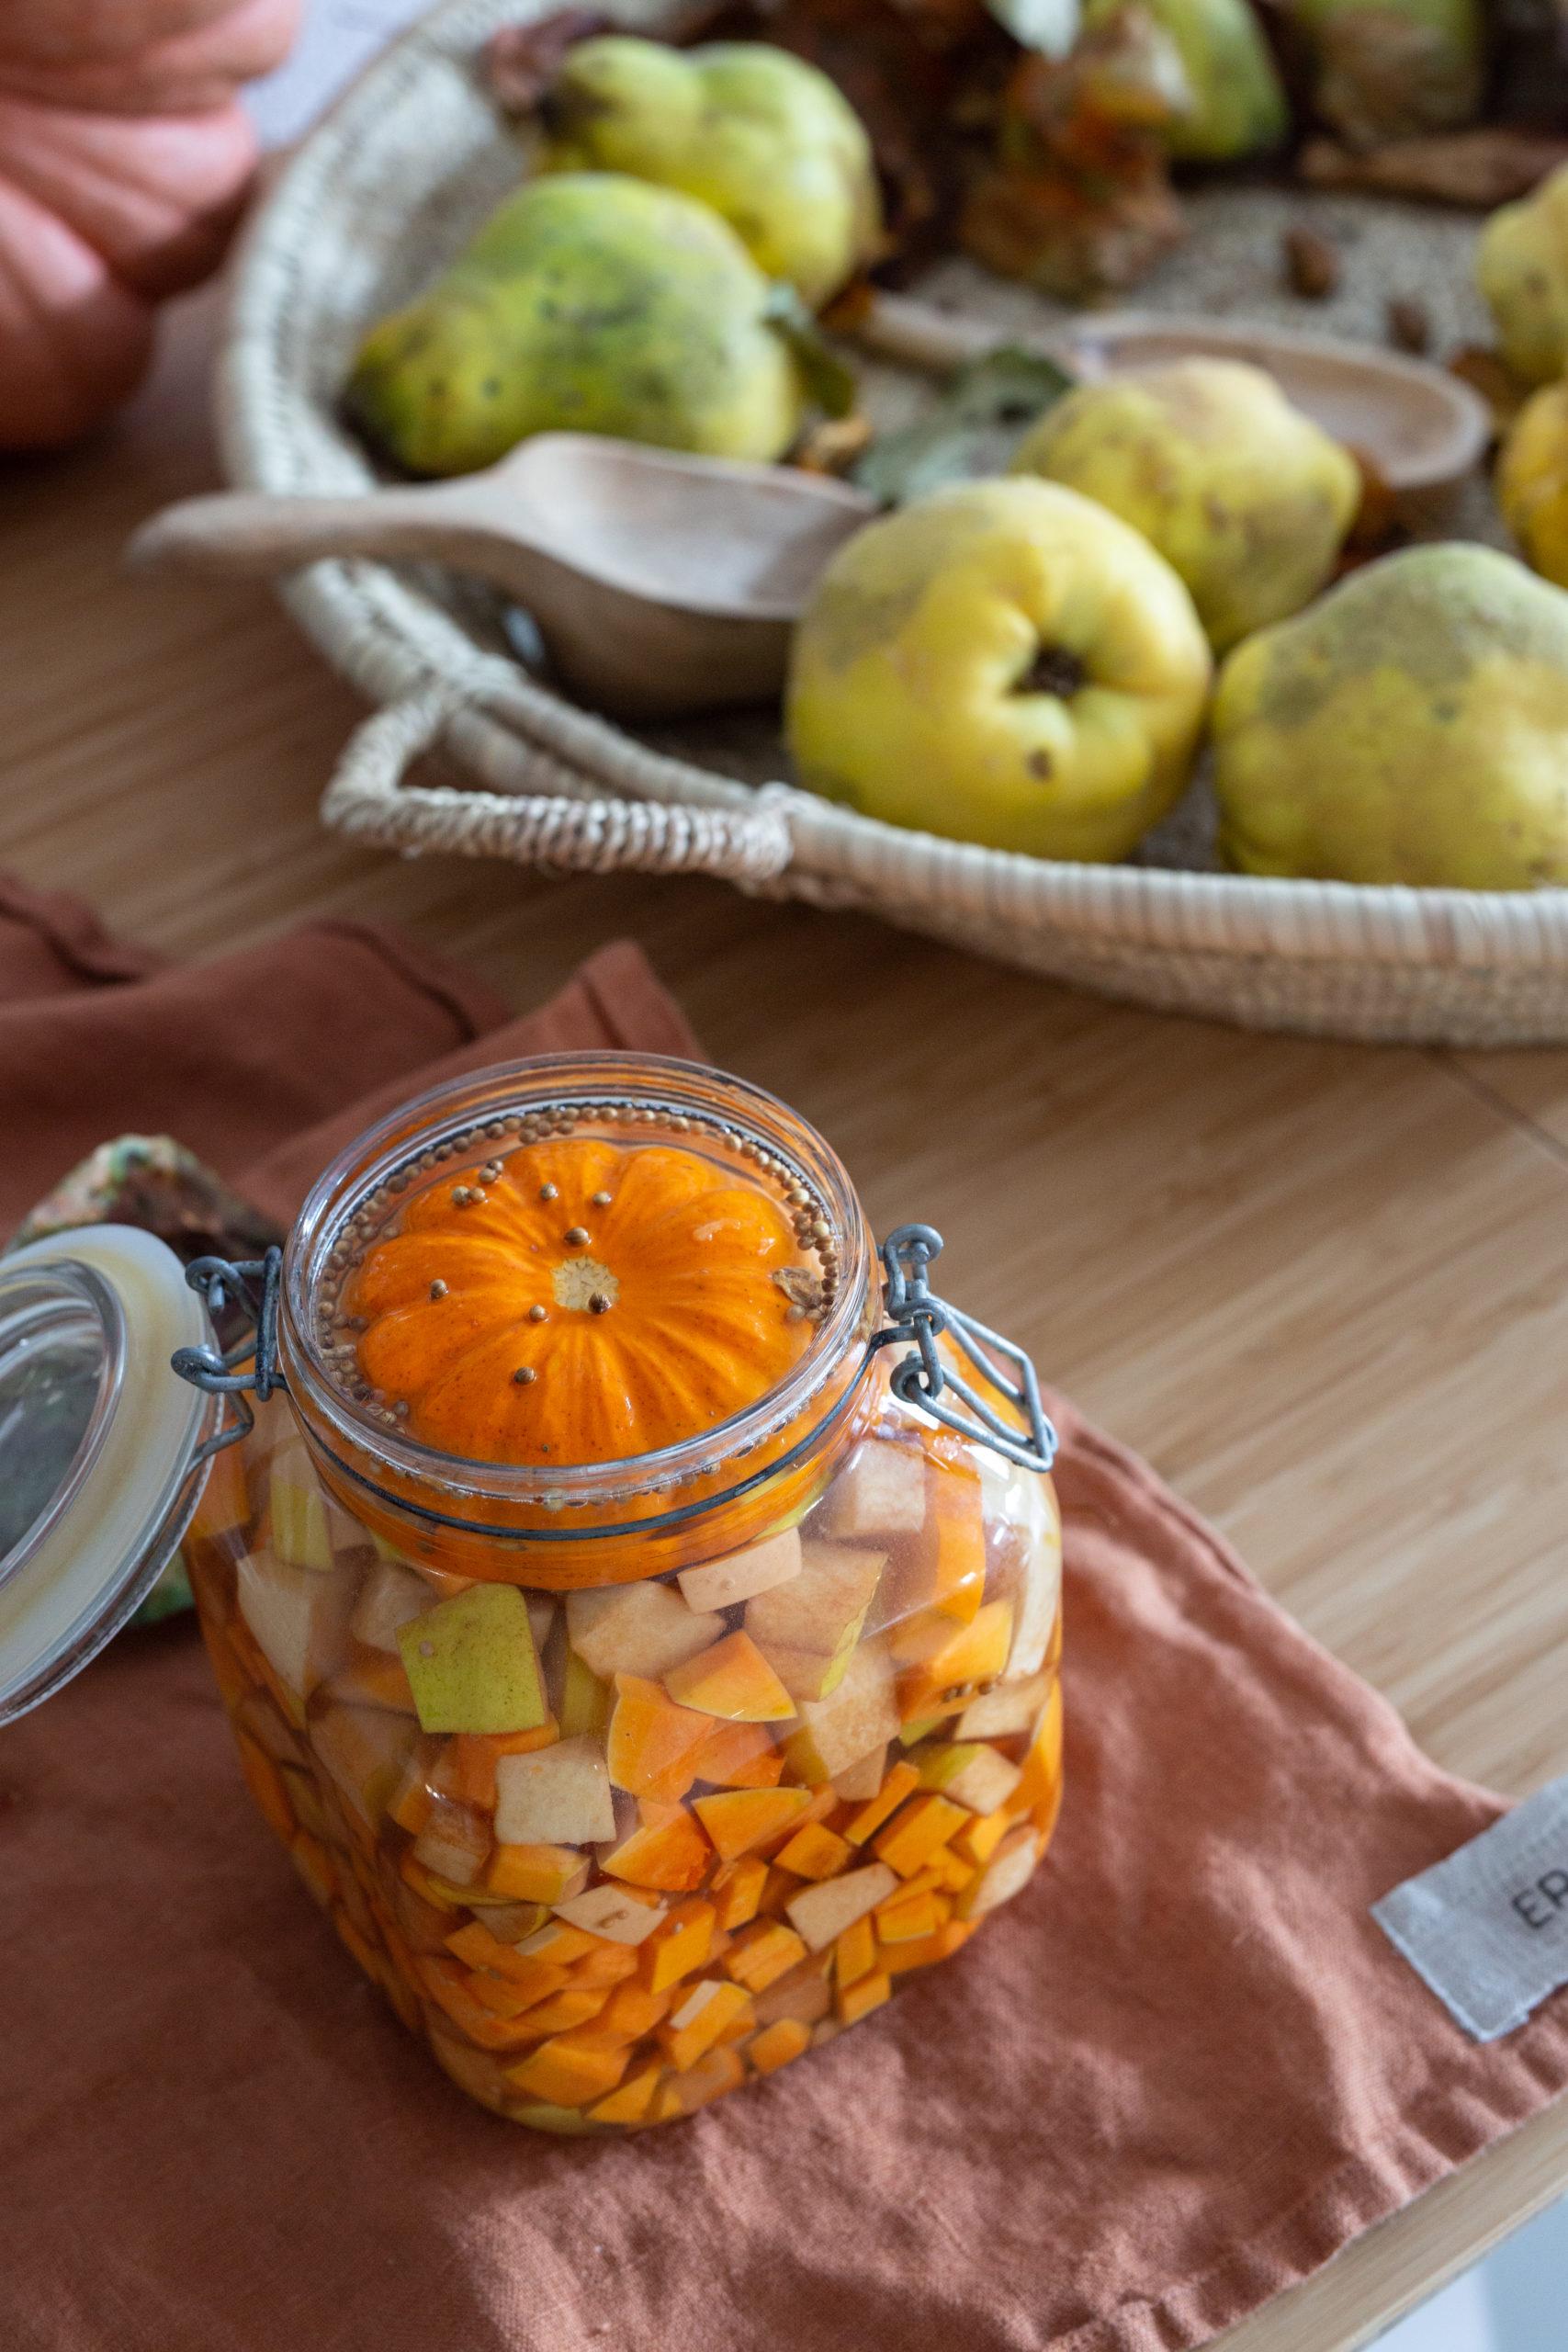 Quitten - Thymian - Ingwer Sirup - rohköstlich | Gesunde vegane Rezepte, Fermentation, Nachhaltigkeit - Syl Gervais